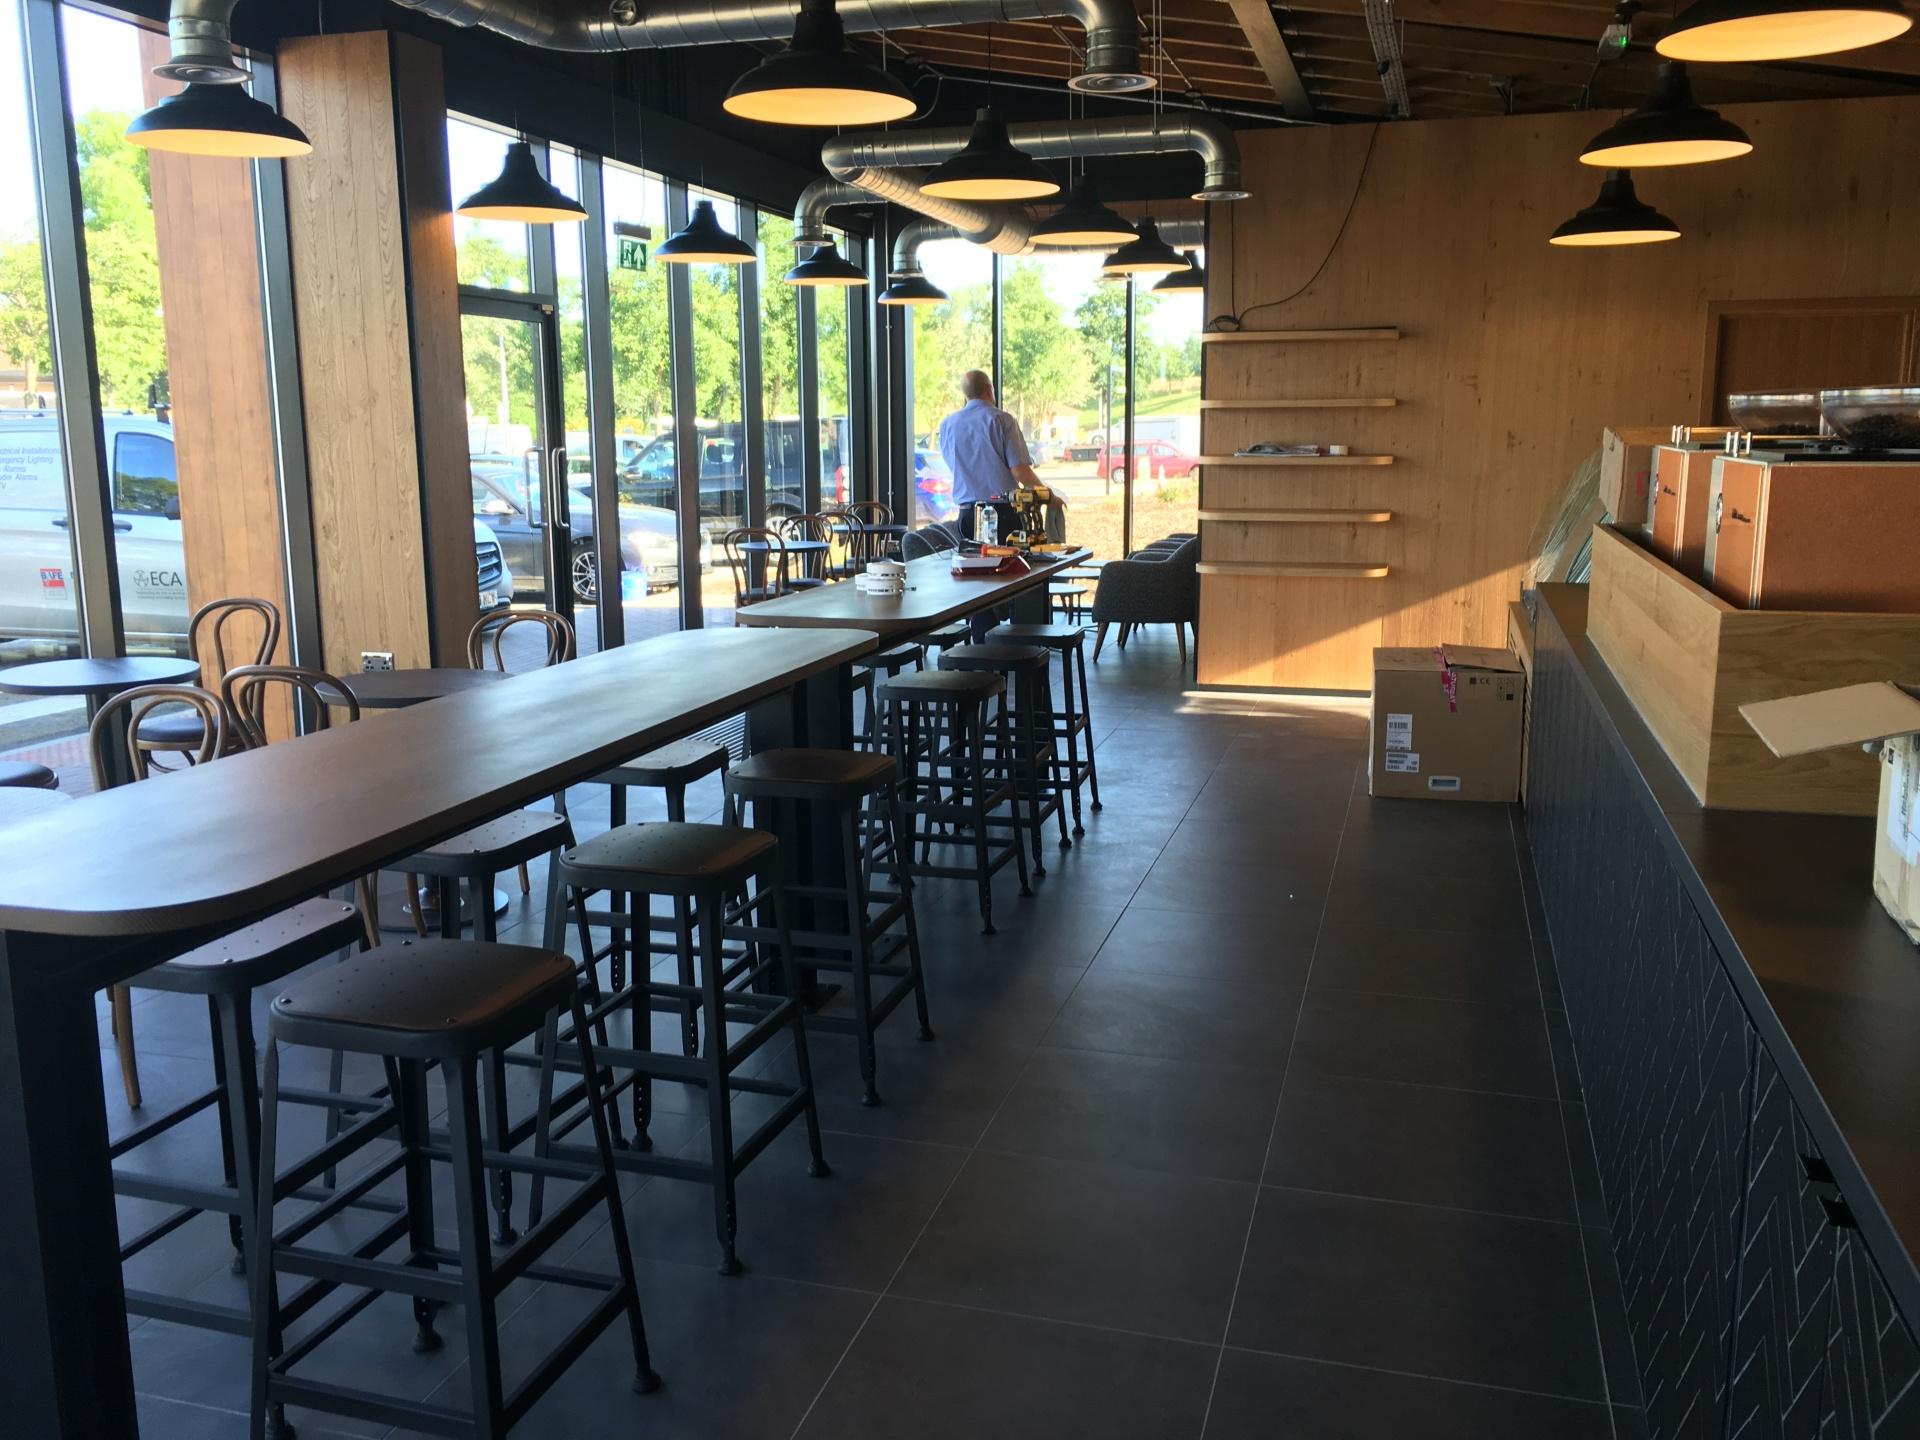 Starbucks Birchanger